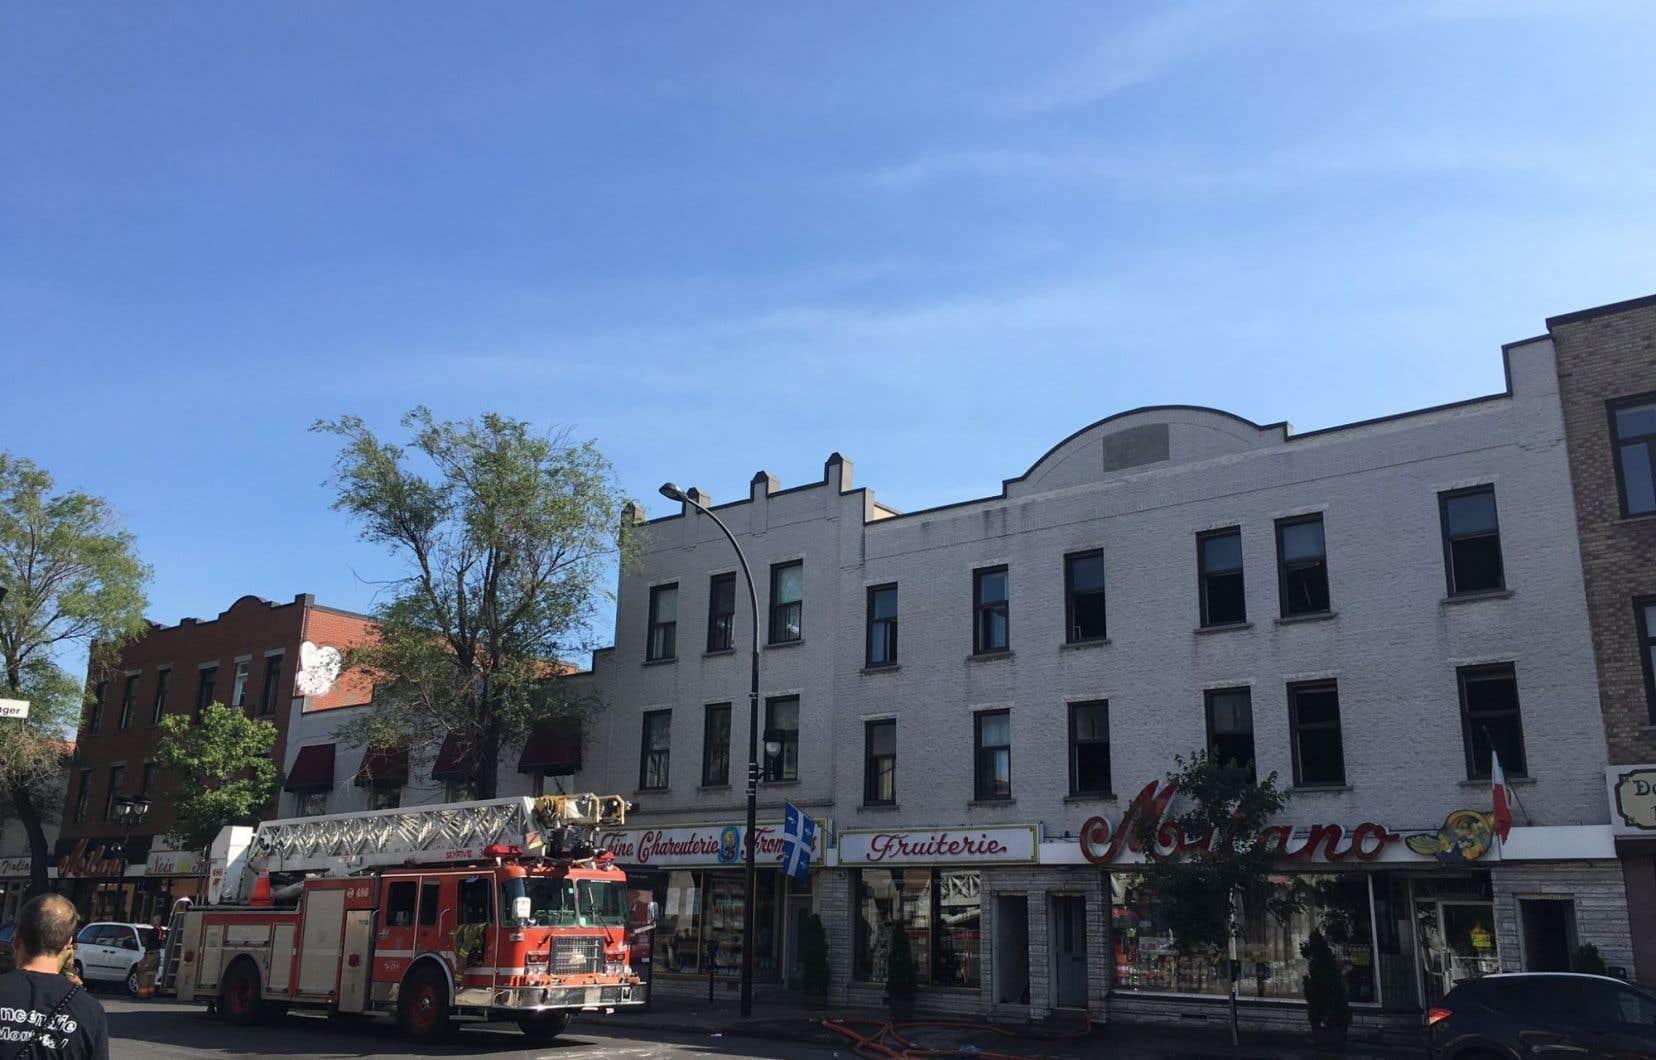 Le feu aurait pris naissance à l'arrière du bâtiment et serait d'origine accidentelle, selon les autorités. Les locataires habitant au-dessus du commerce ont été évacués.